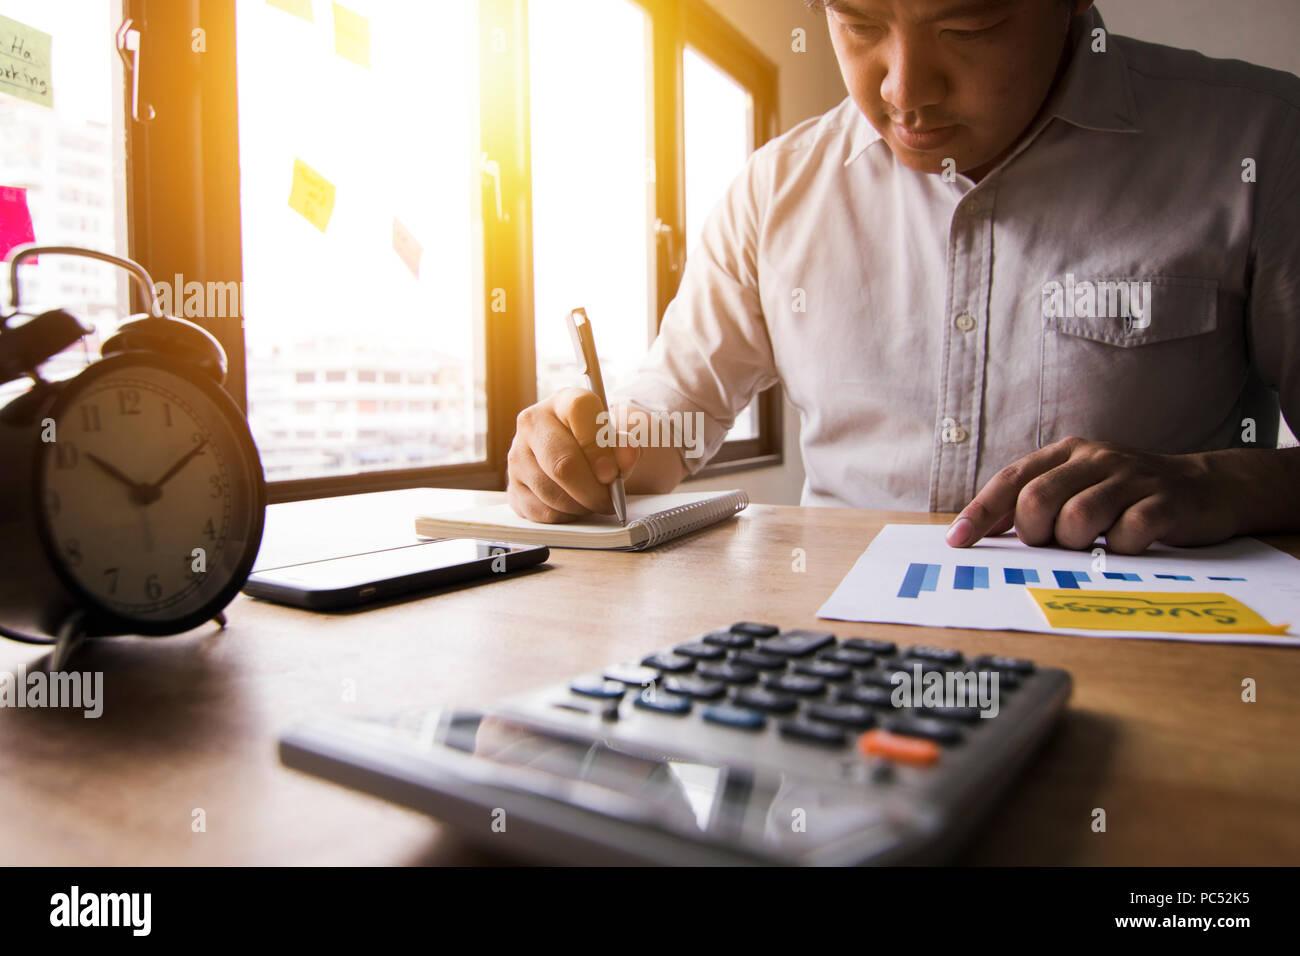 Calculer comptable finances des bénéfices annuels par appuyer sur la calculatrice et résumer l'équilibre de l'argent en écrivant sur la note book in office Photo Stock